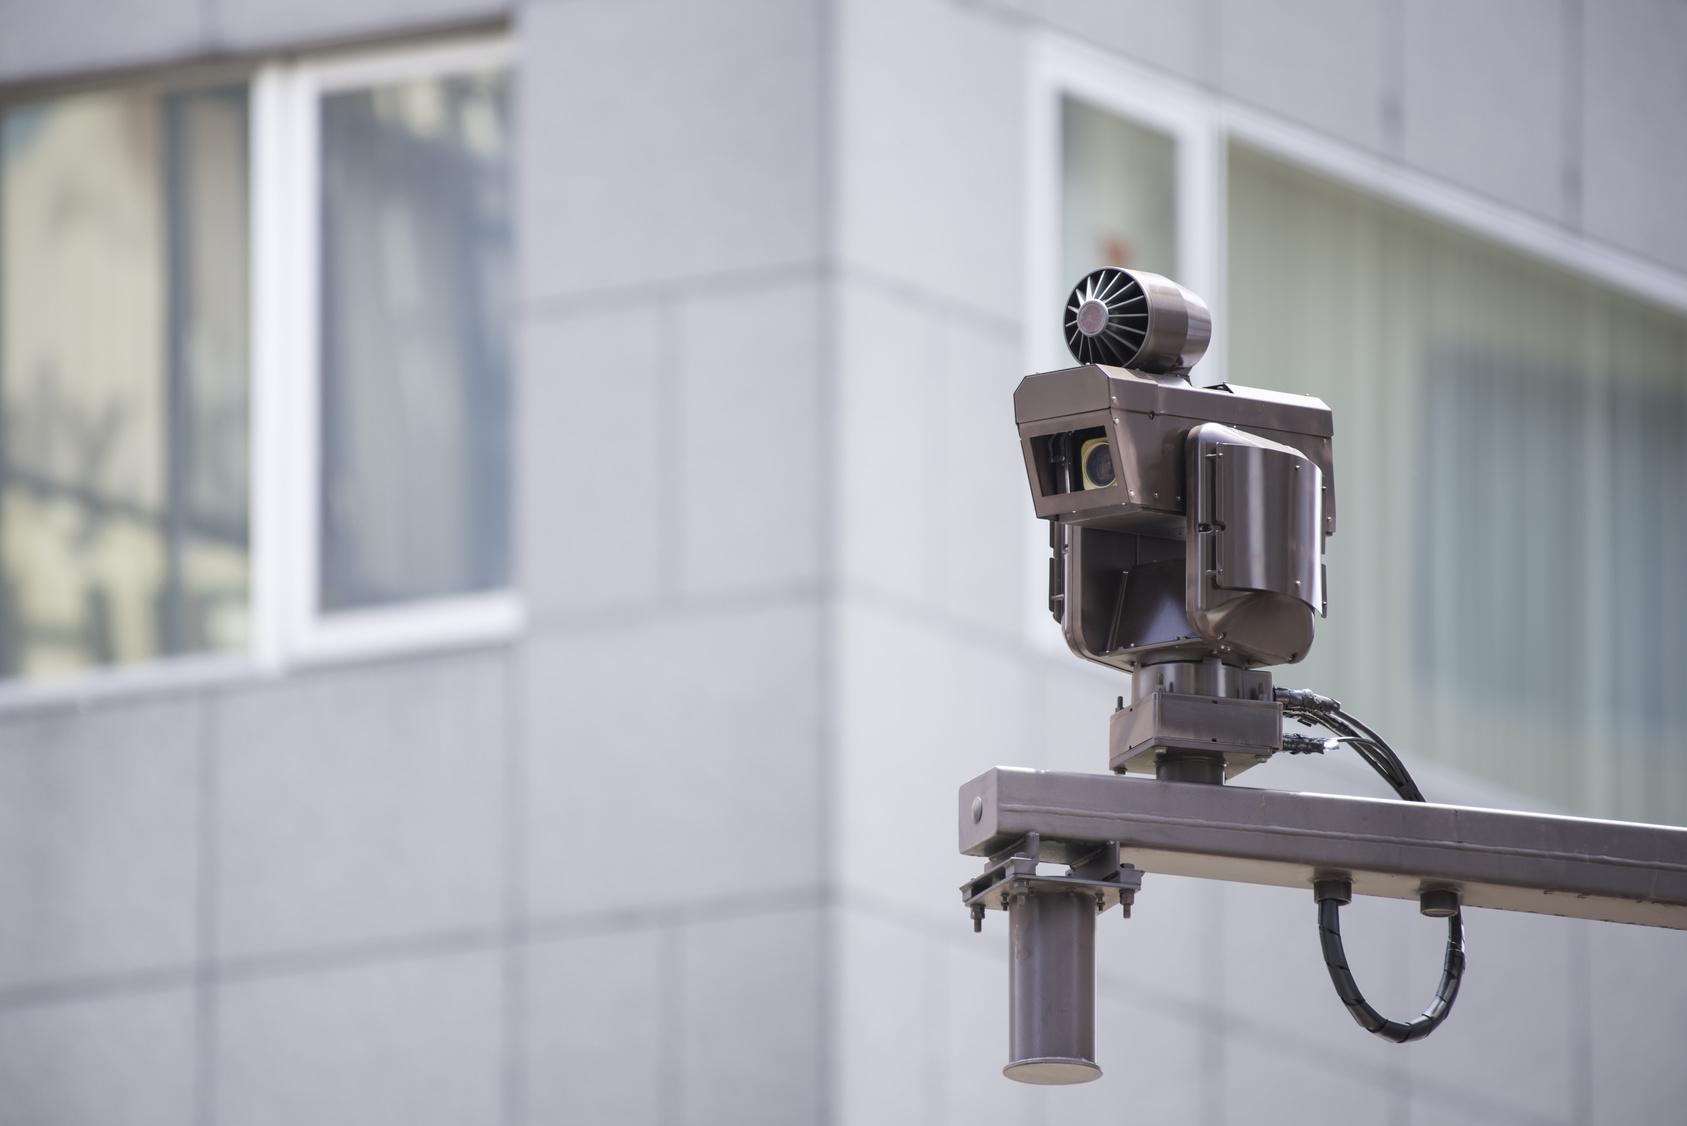 ダミーで防犯対策!屋外ダミーカメラの選び方3つの法則